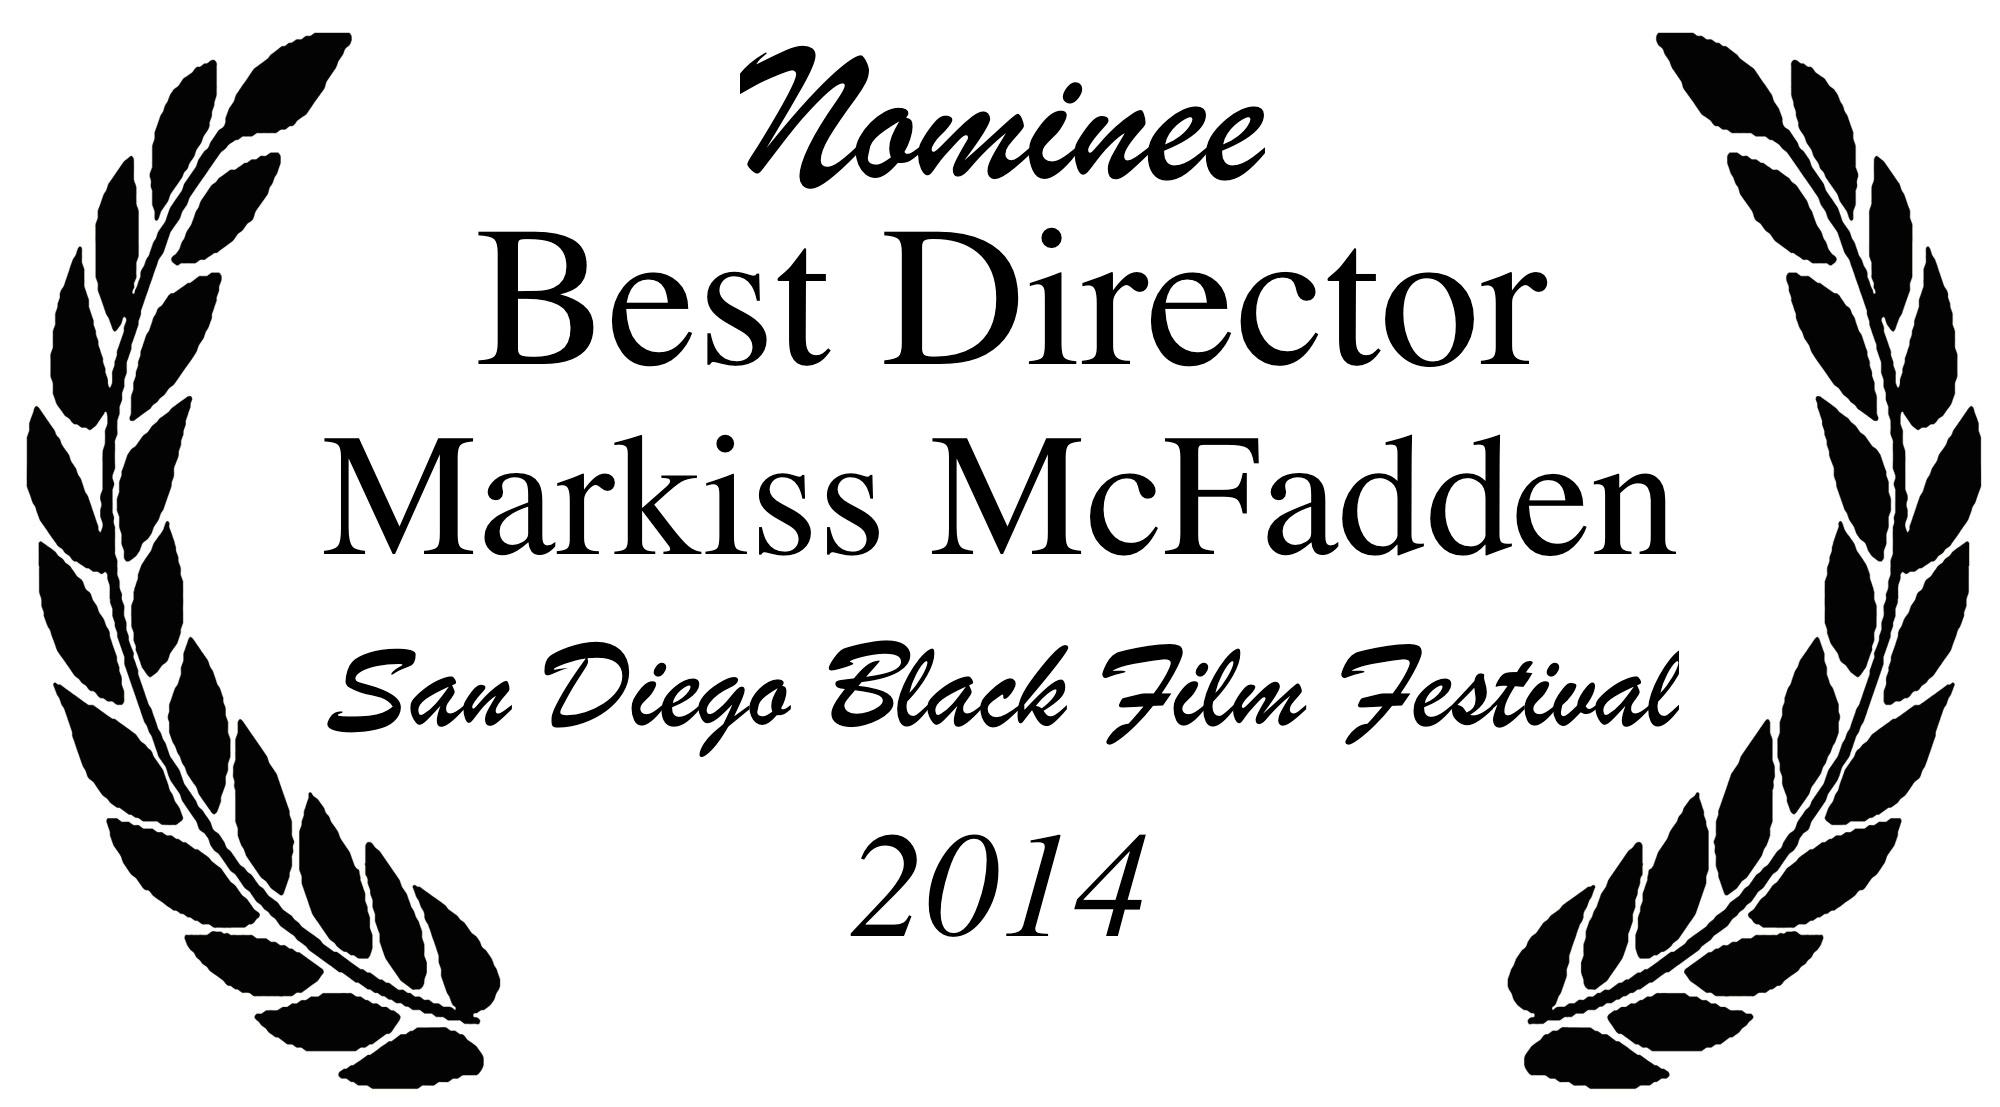 SDBFF Nominee.2.jpg